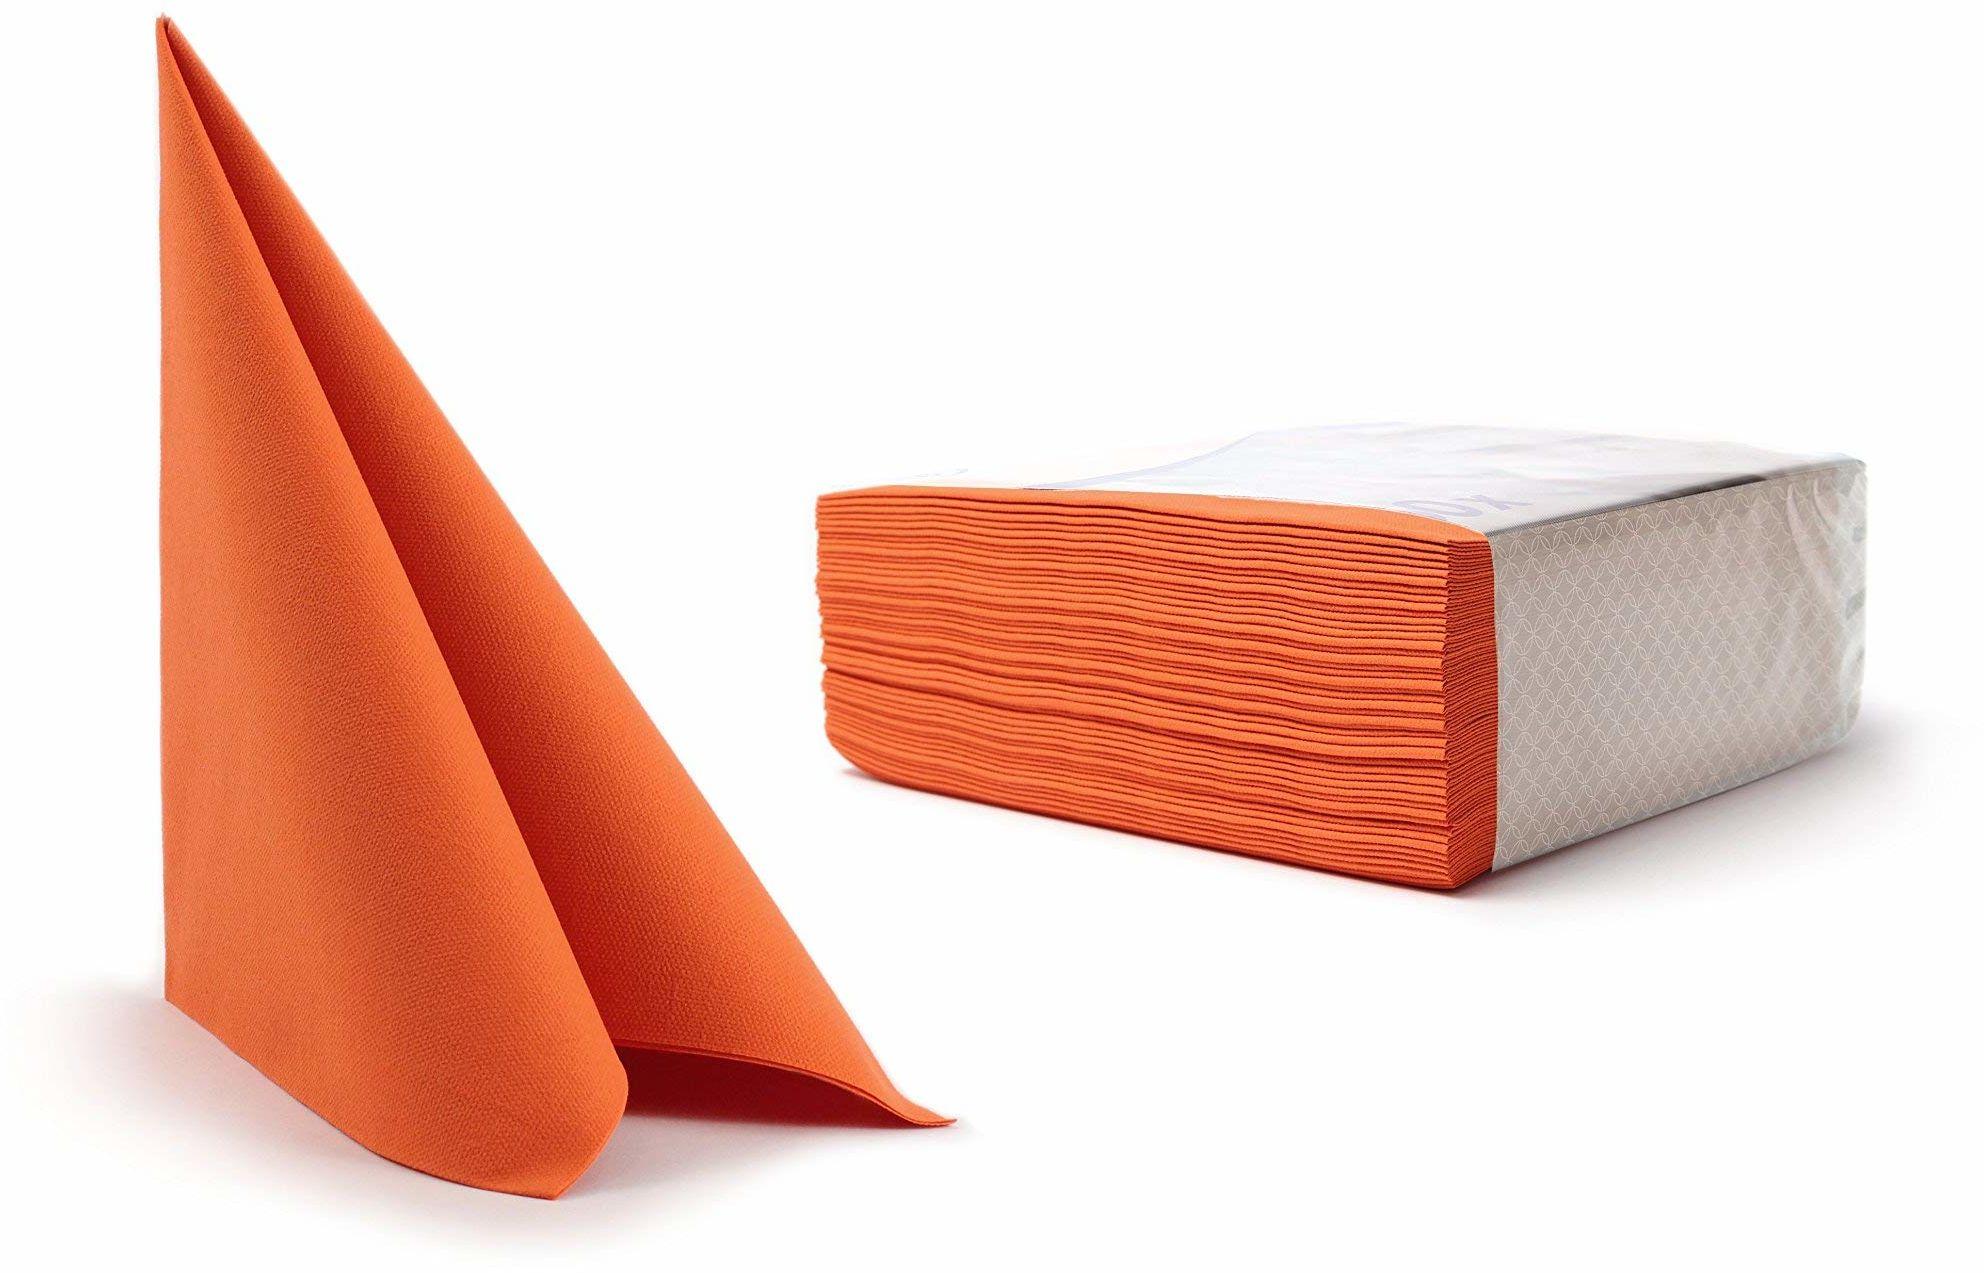 Alvotex CHIC Airlaid 50 serwetki, tkaninopodobne wysokiej jakości, serwetki jednorazowe, pomarańczowe, 40 x 40 cm